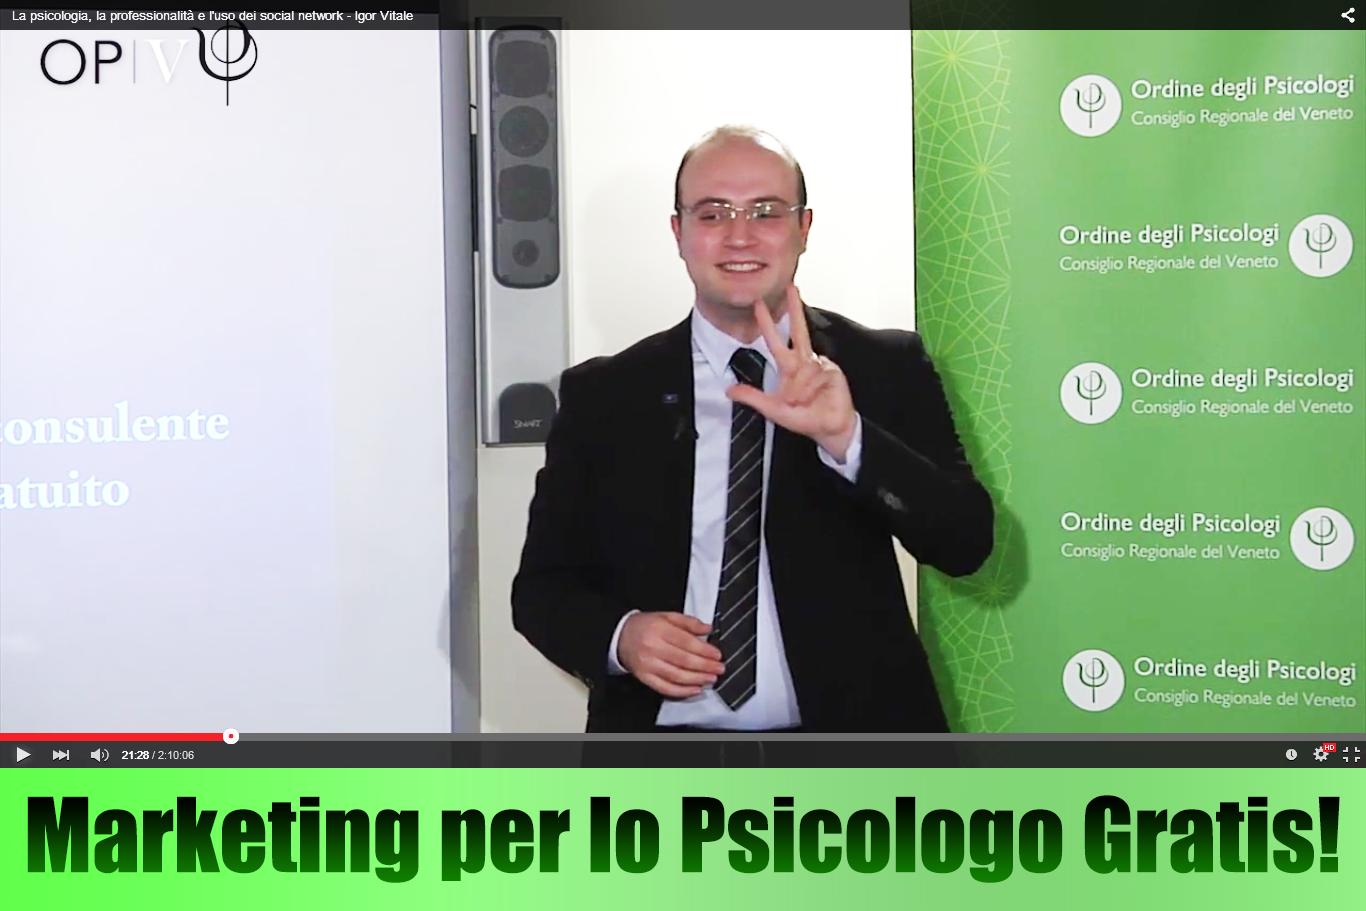 marketing per psicologi corso gratuito igor vitale